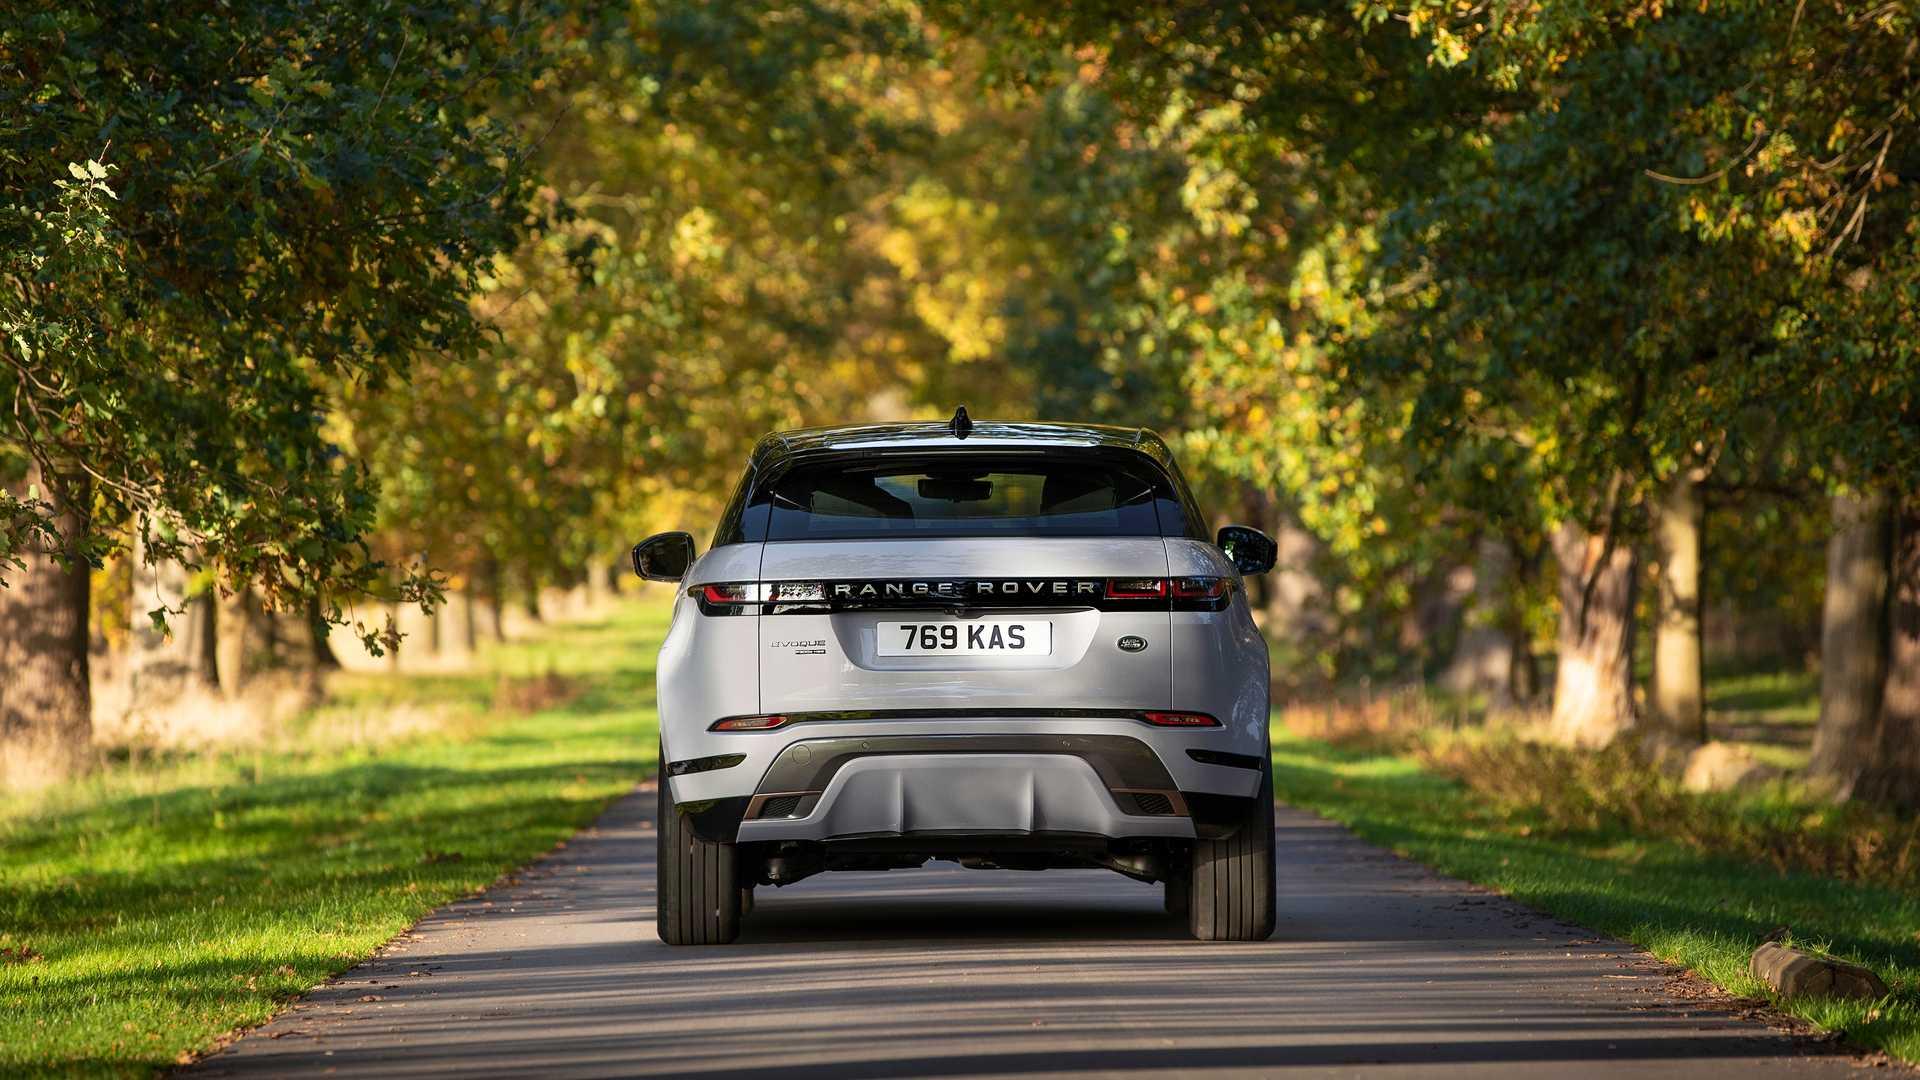 2020-land-rover-range-rover-evoque-p300e-10